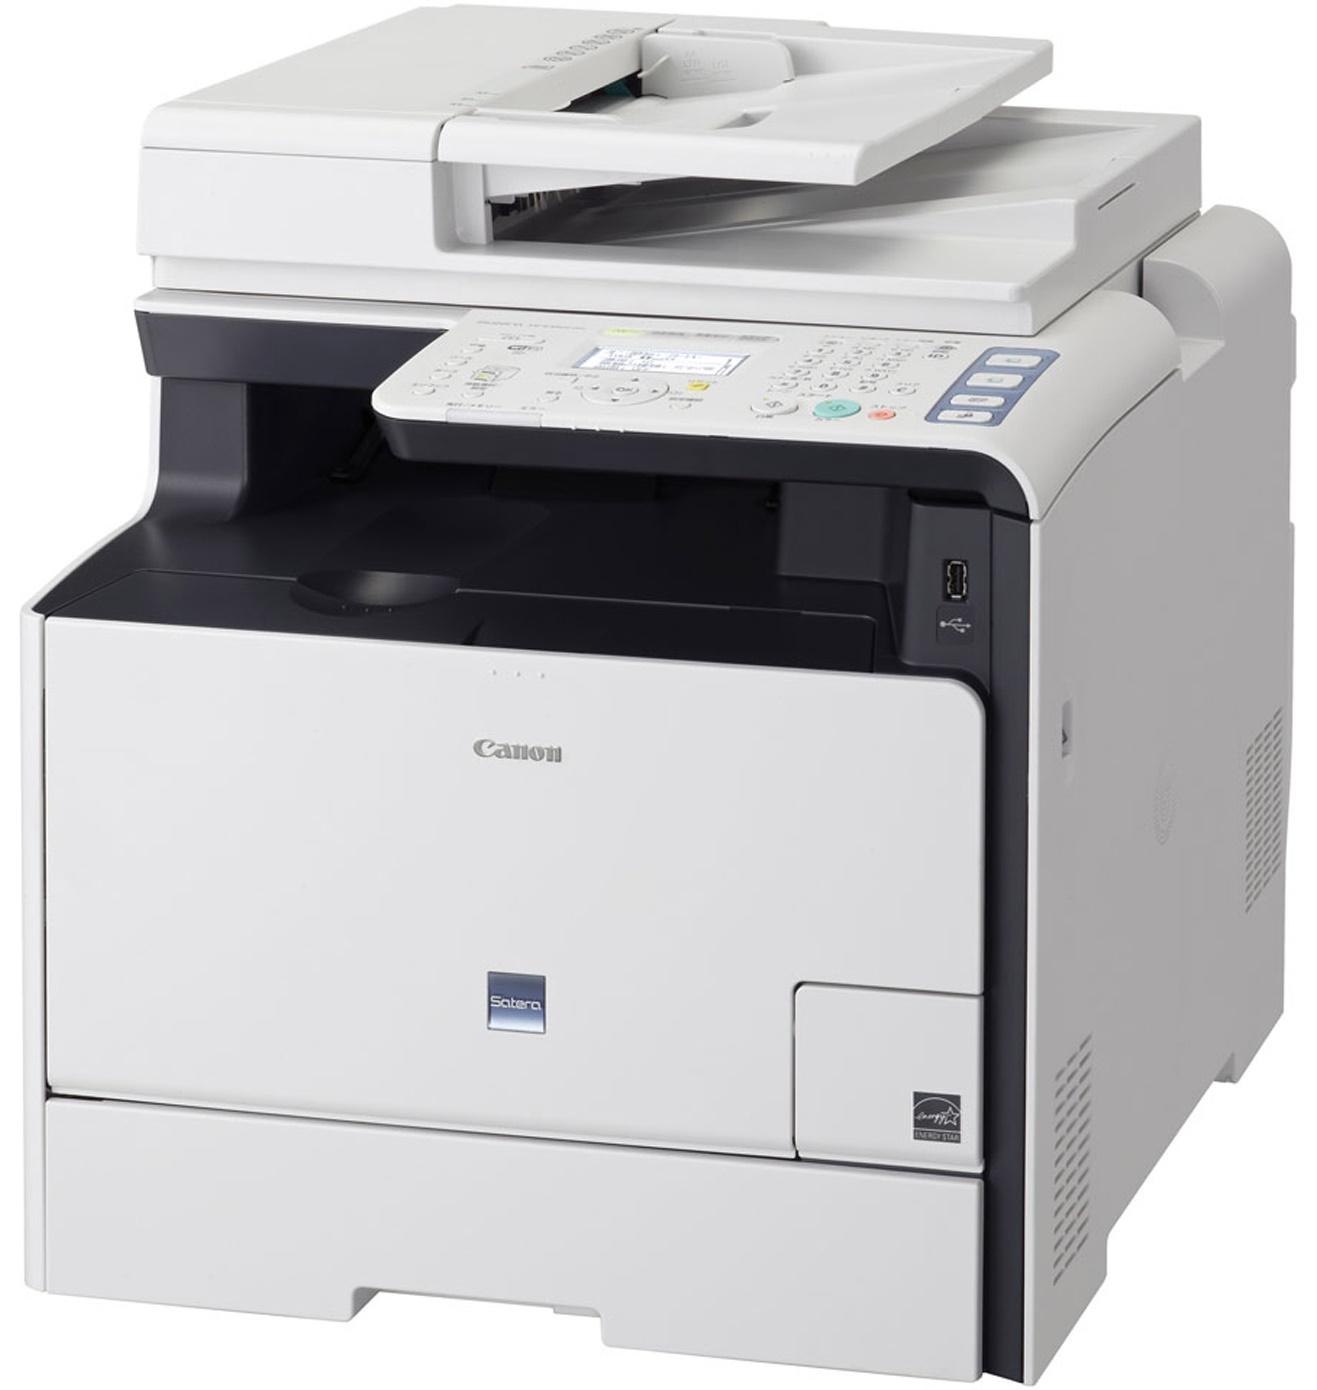 Canon 8380cdw Printer Driver